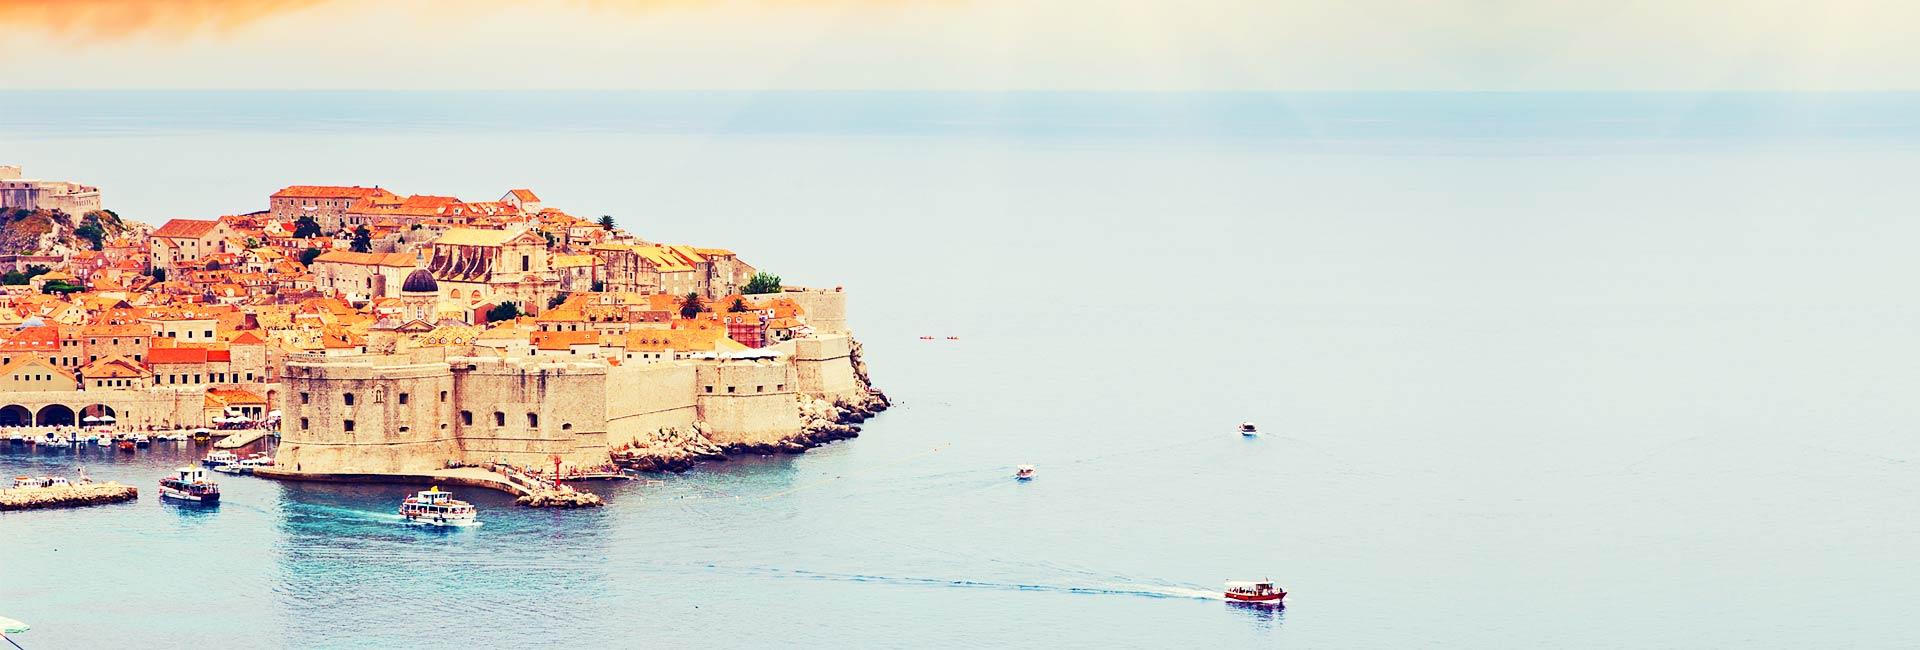 Apartamentos en Dubrovnik Header Image